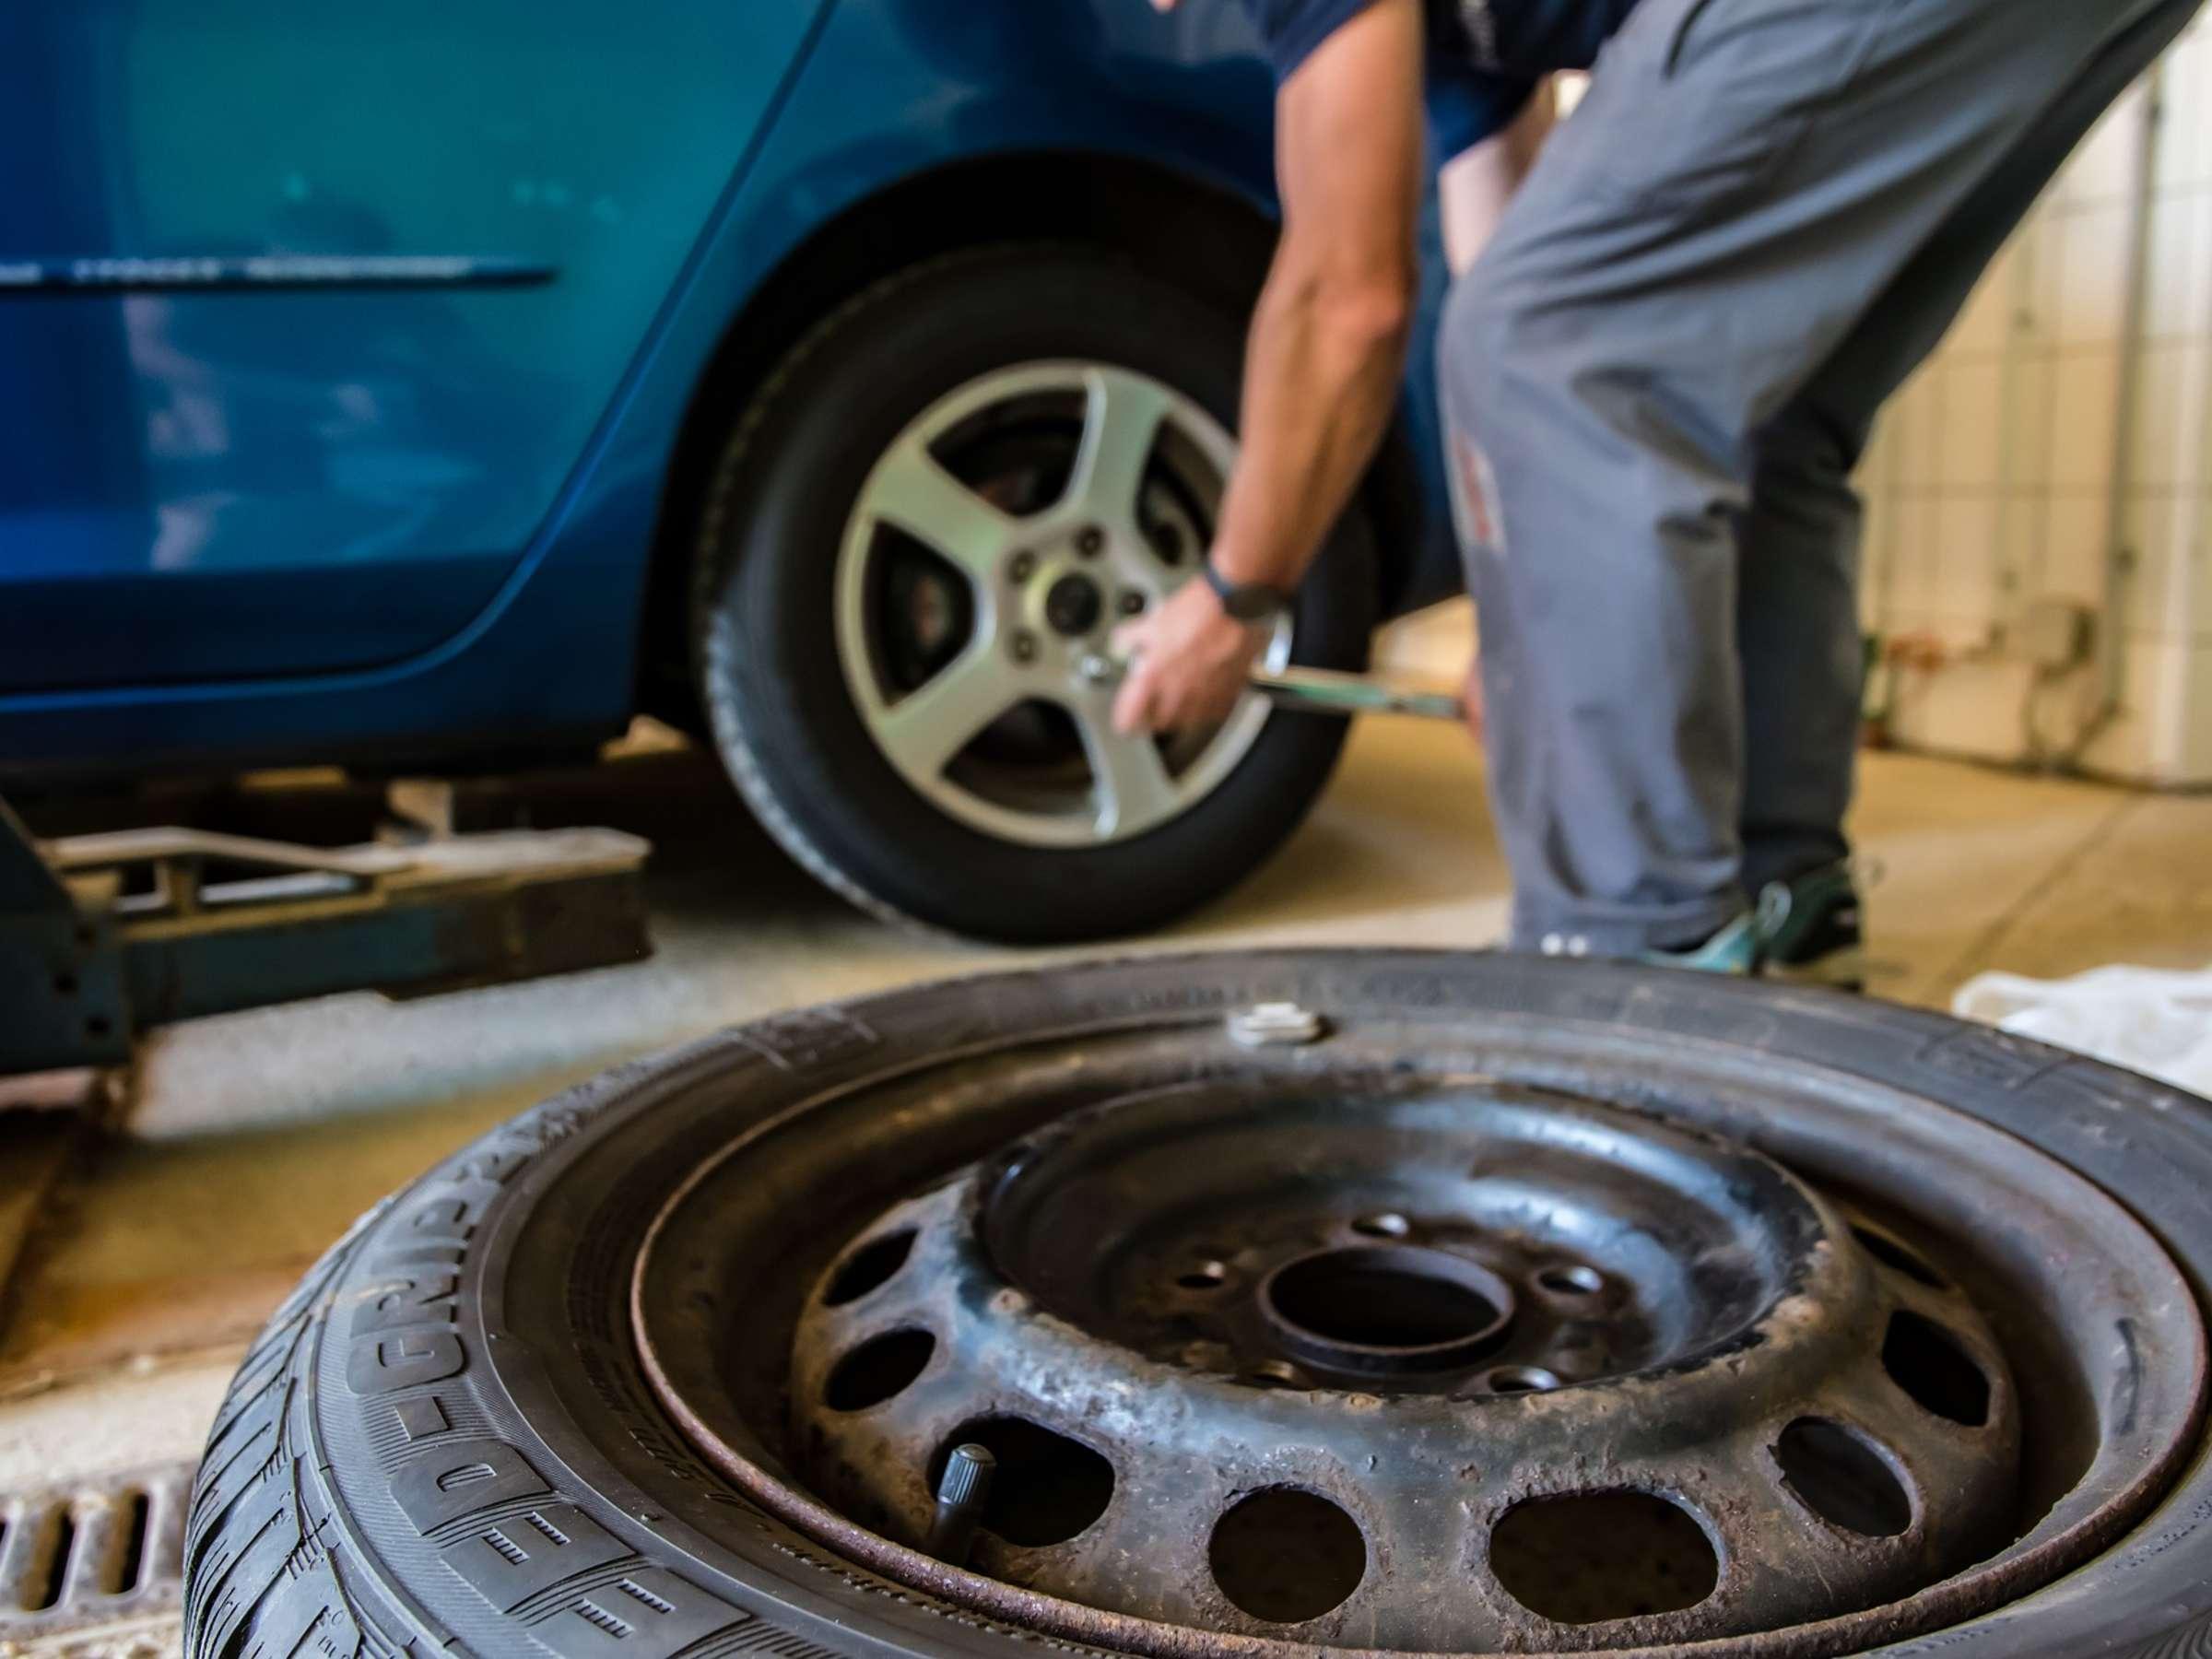 """Operazione """"Dirty Cars"""": furti d'auto, riciclaggio e truffe alle assicurazioni. 16 arresti, in manette anche un poliziotto e un carabiniere"""